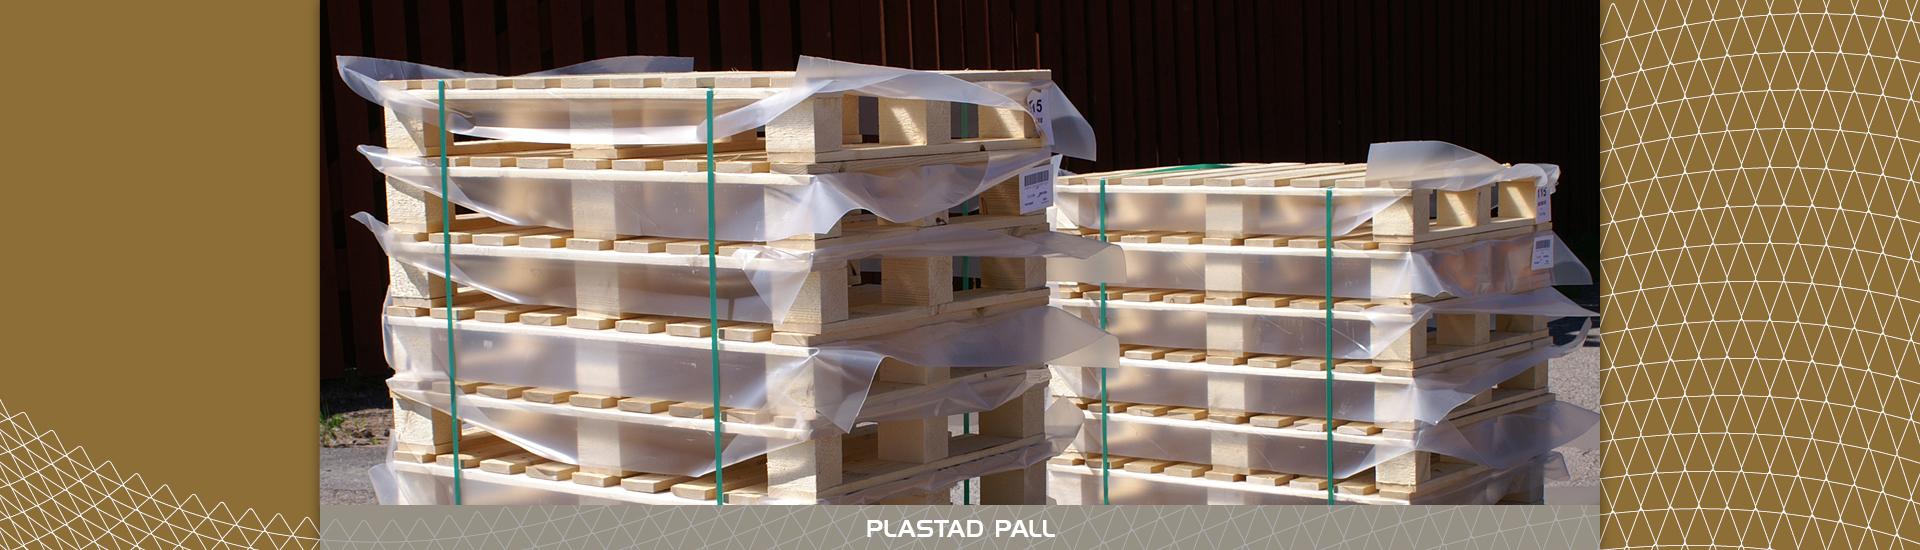 Plastad Pall